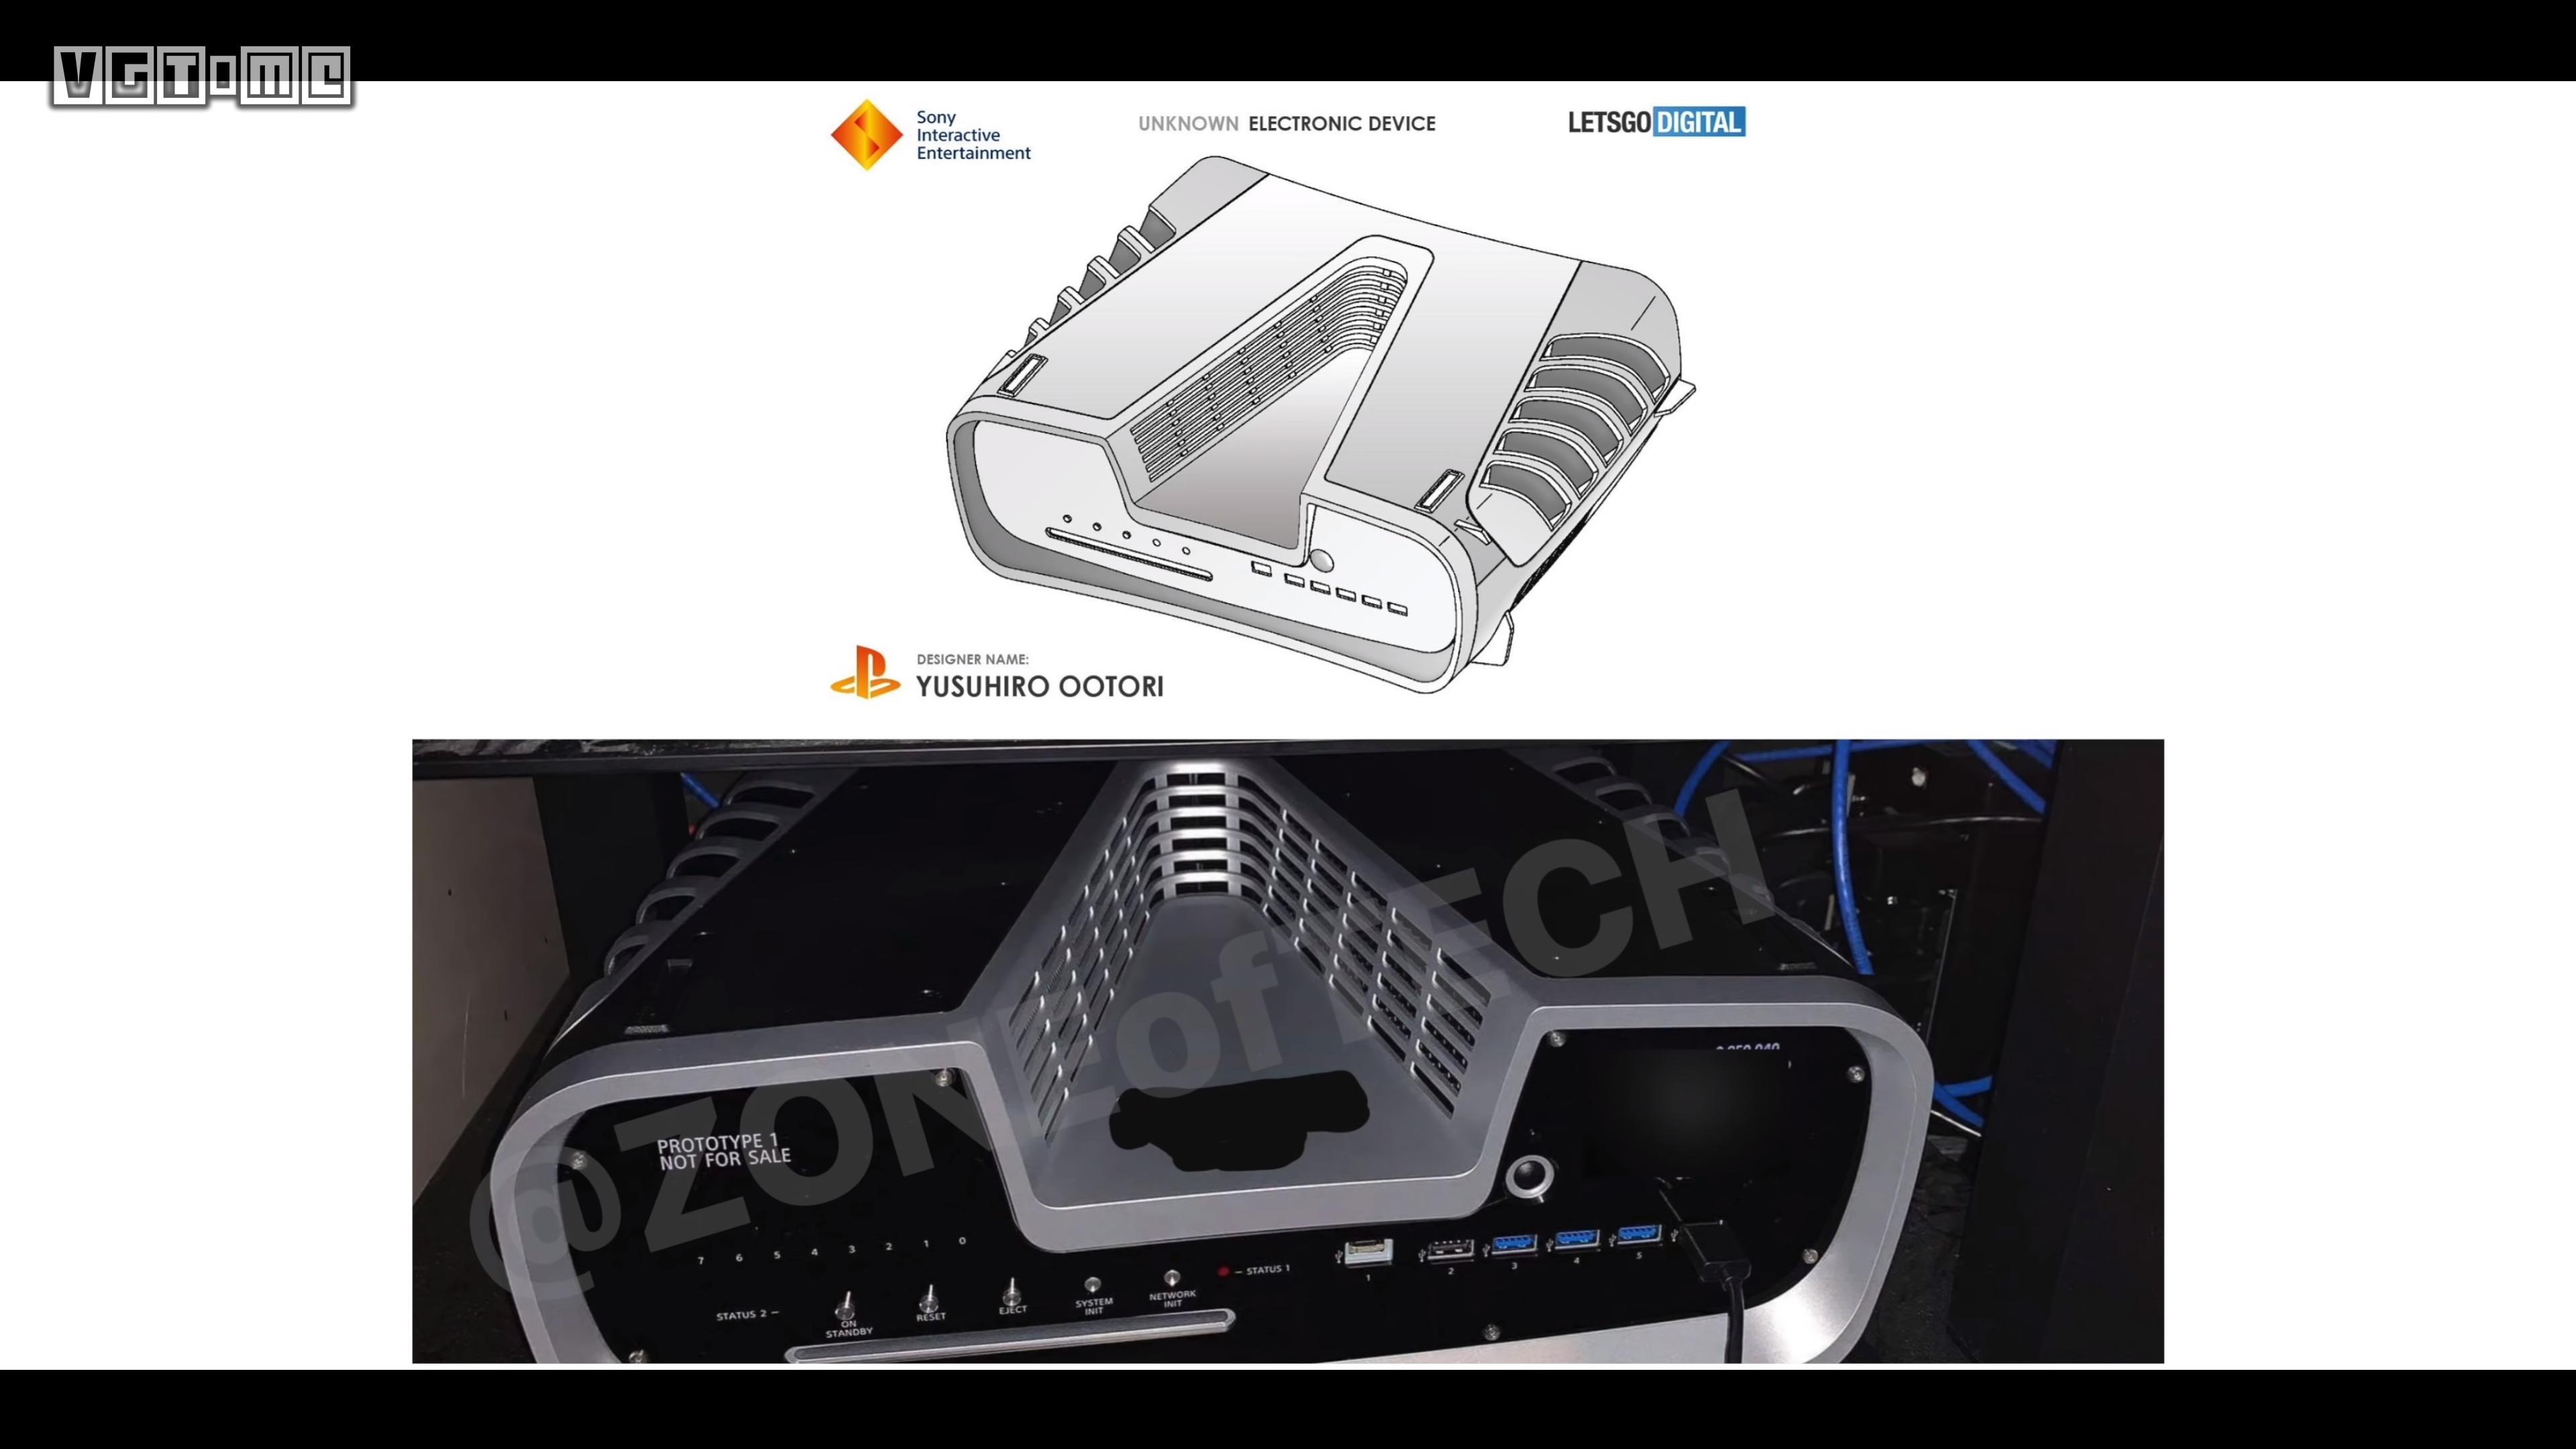 PS5开发机实机照片泄露,与专利图一致